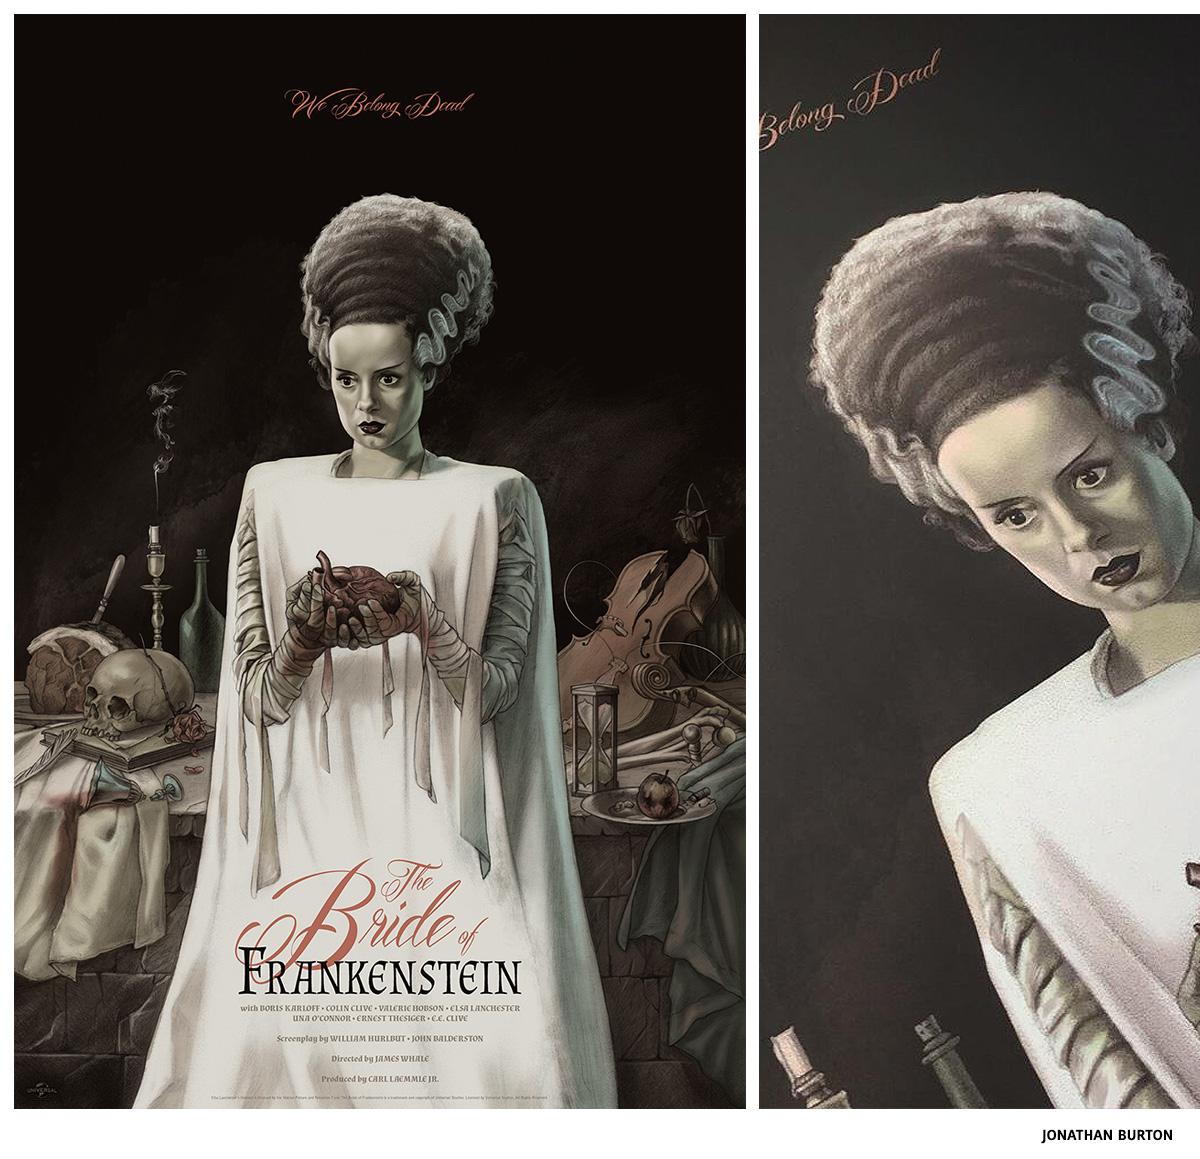 The Bride of Frankenstein par Jonathan Burton sérigraphie affiche